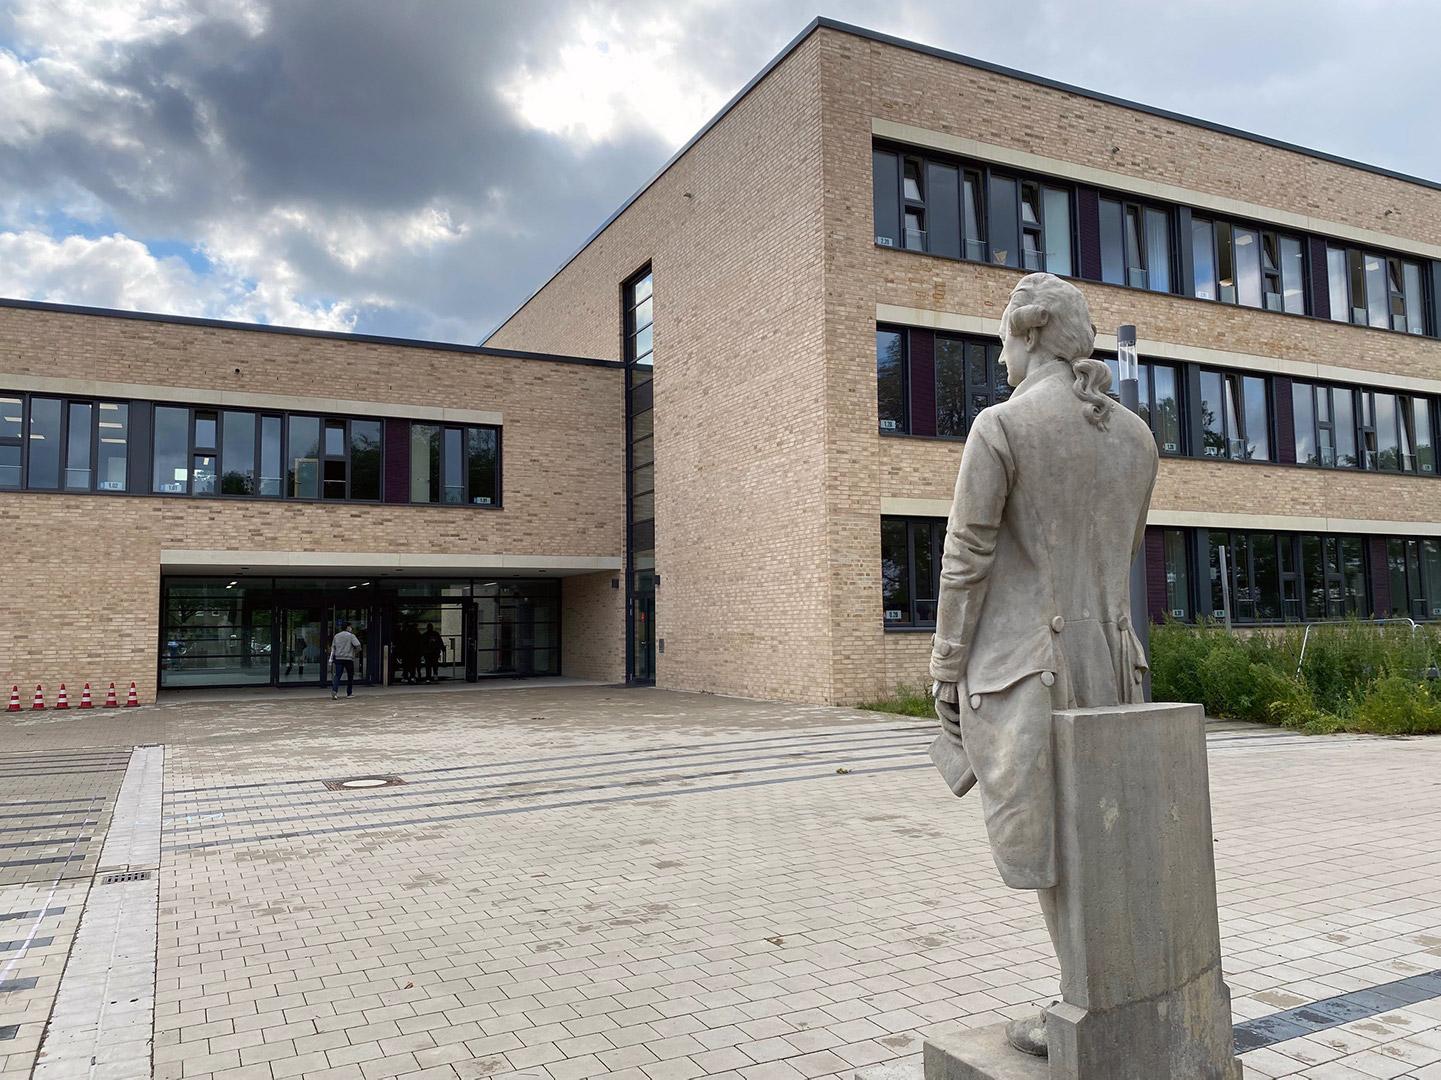 Ein modernes Schulgebäude, rechts davor eine Statue.